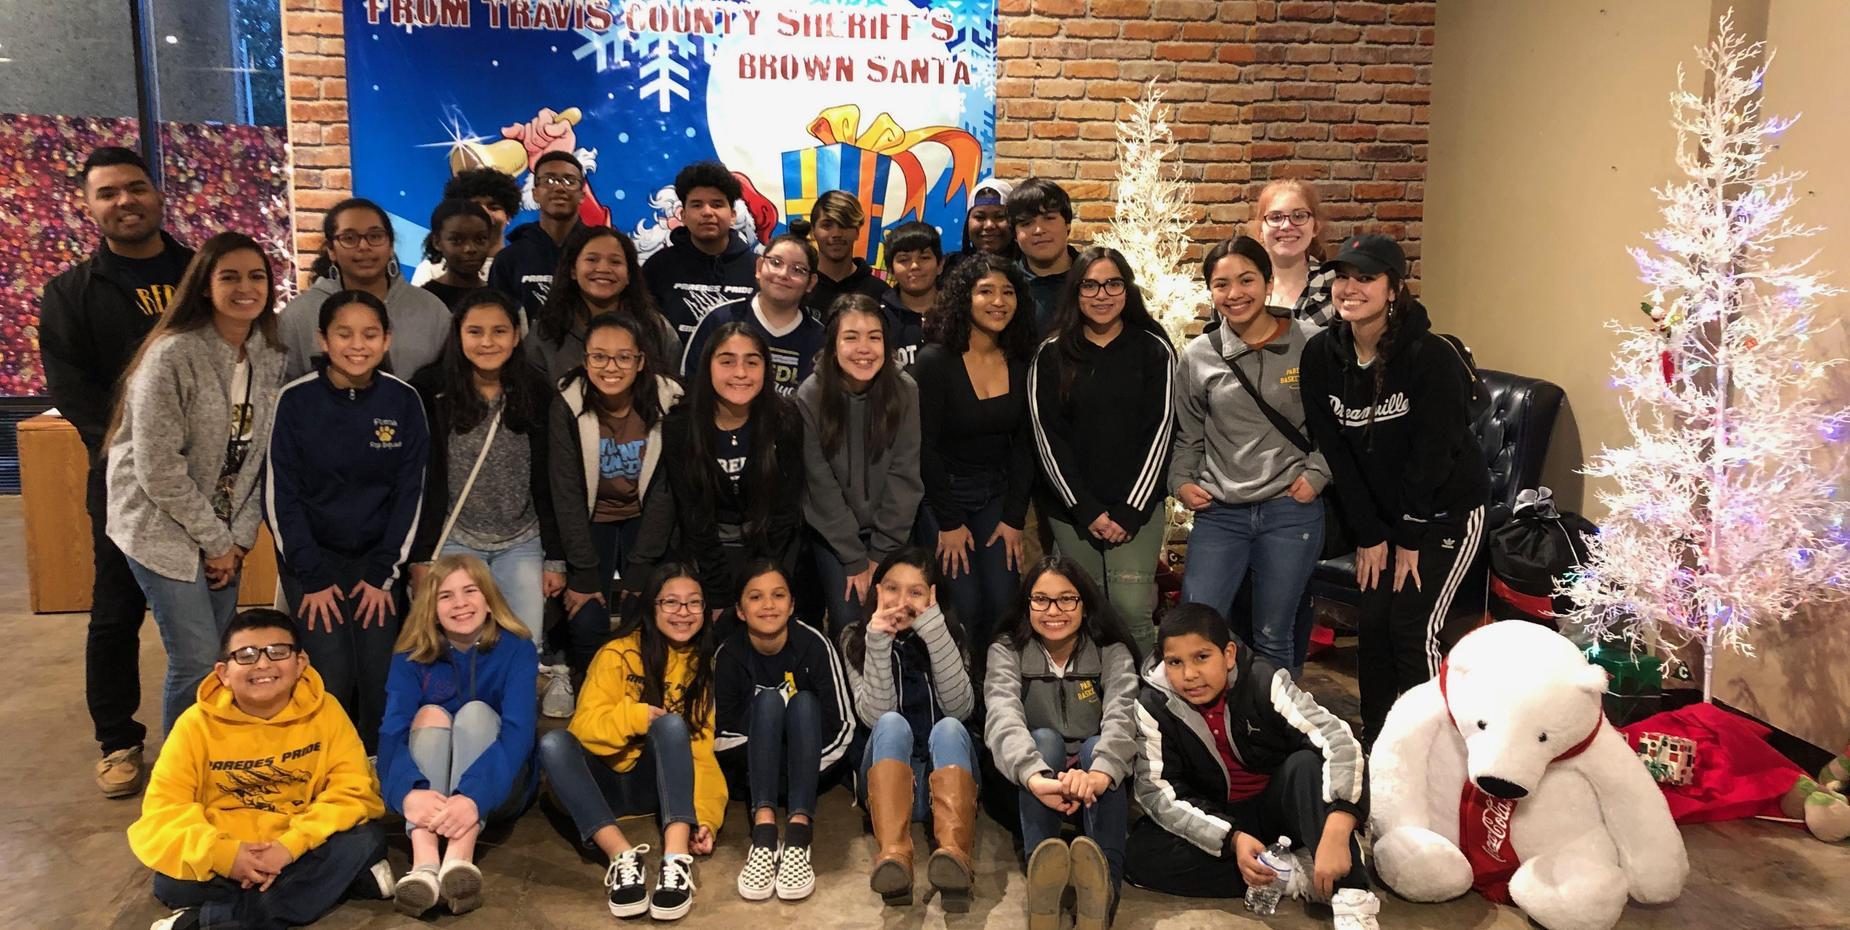 Student leaders at Brown Santa